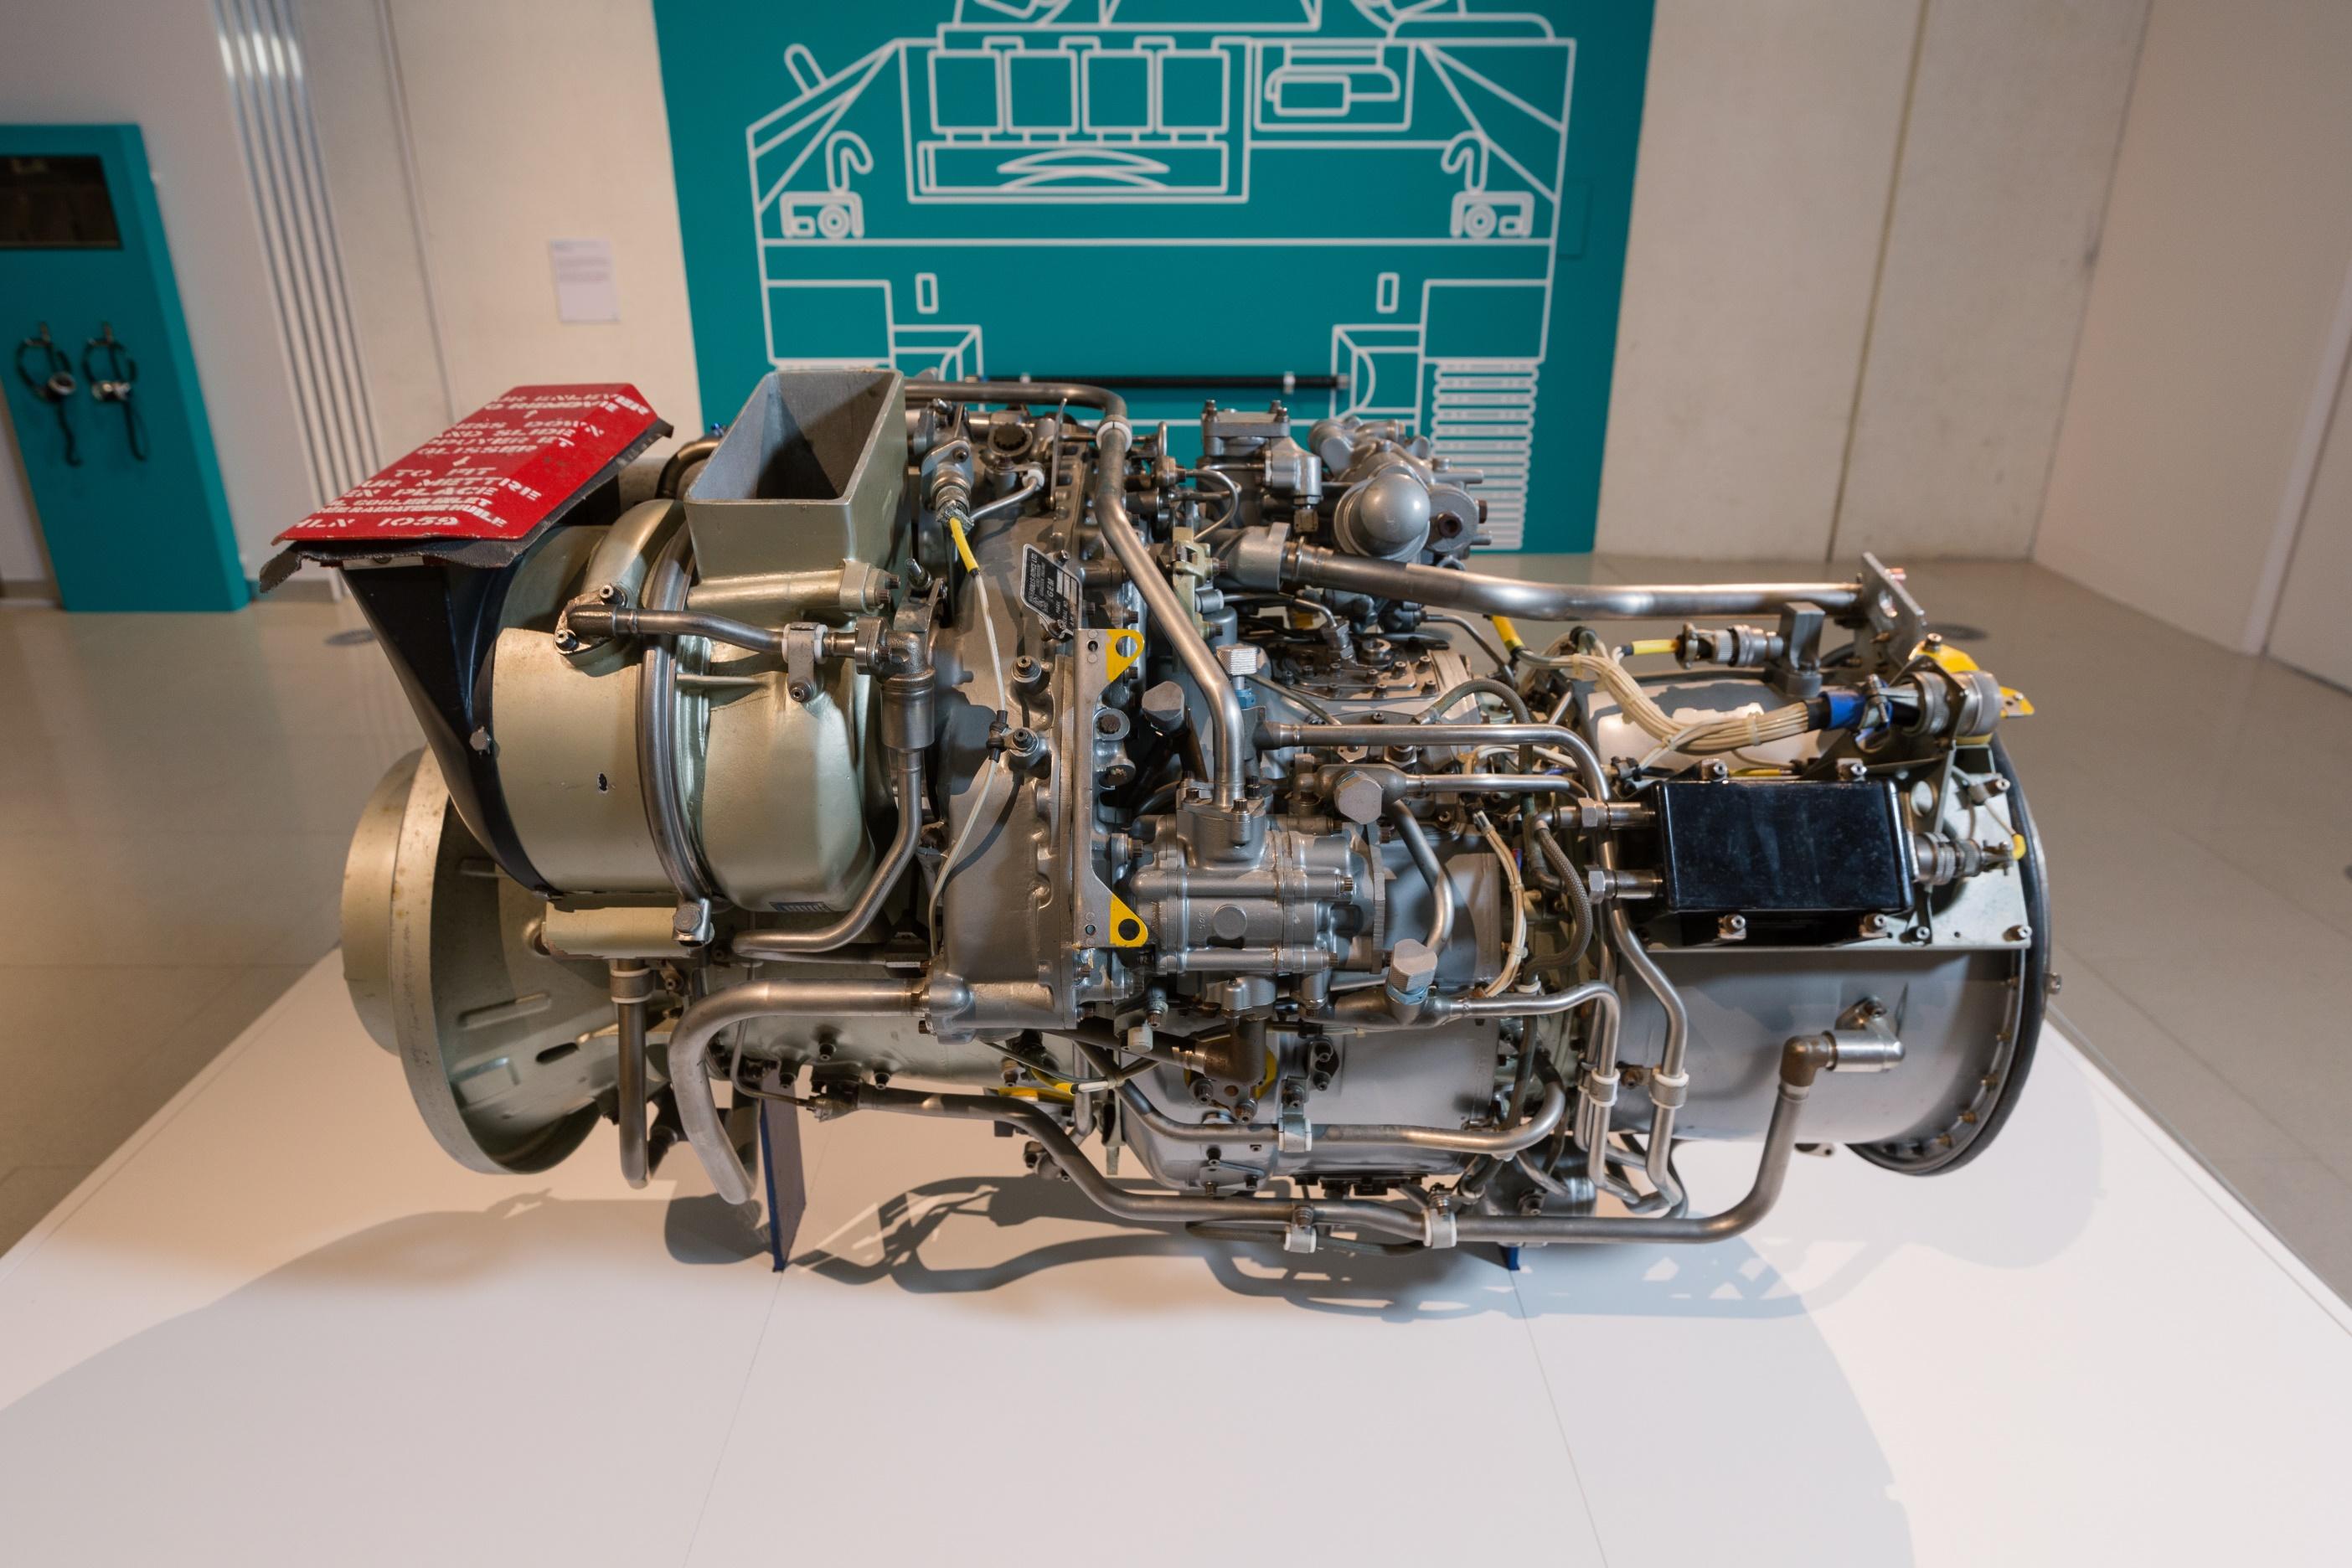 Gem Aero Rolls Royce Engine used in Boeing aircraft